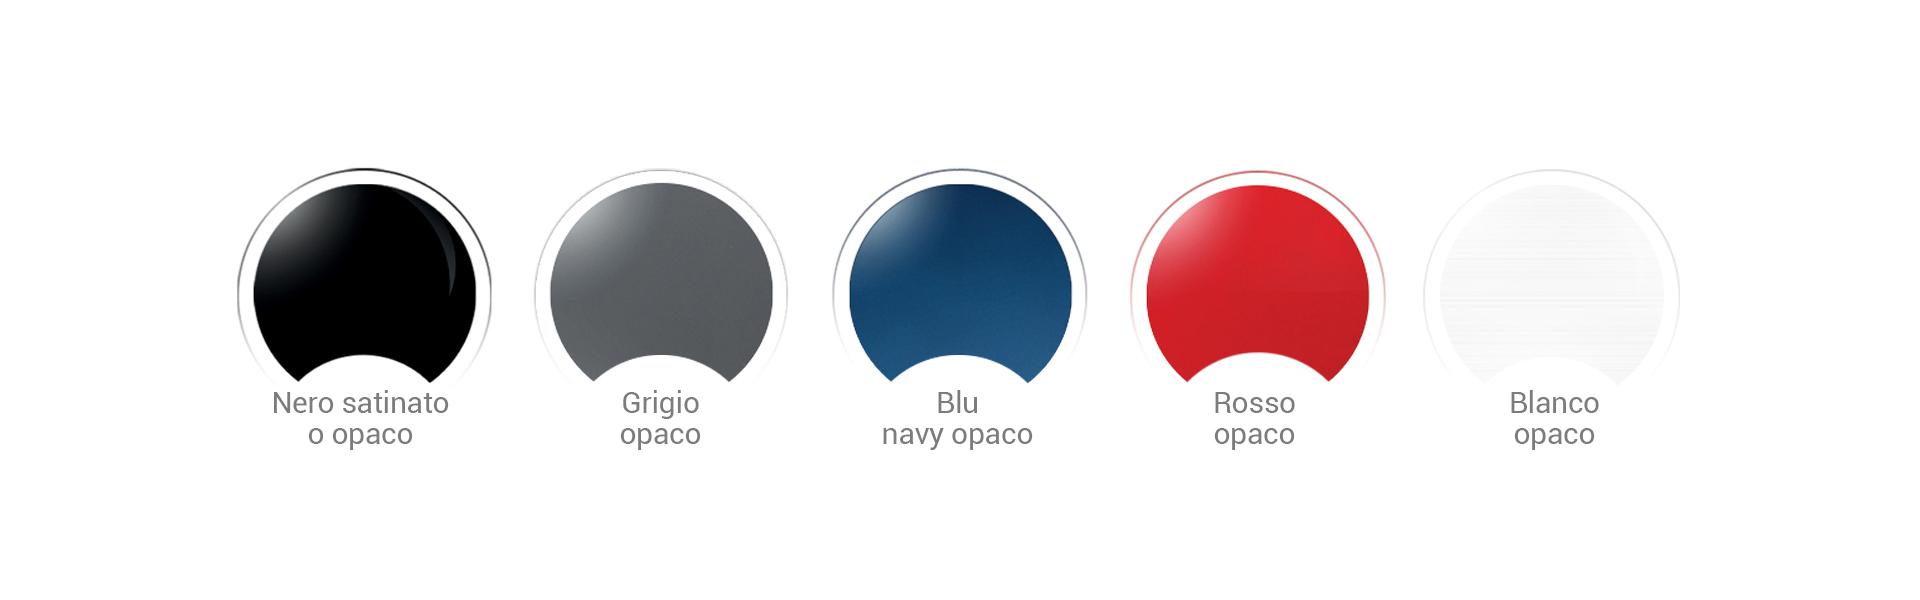 gamme-7-couleurs-tilscoot-r-it